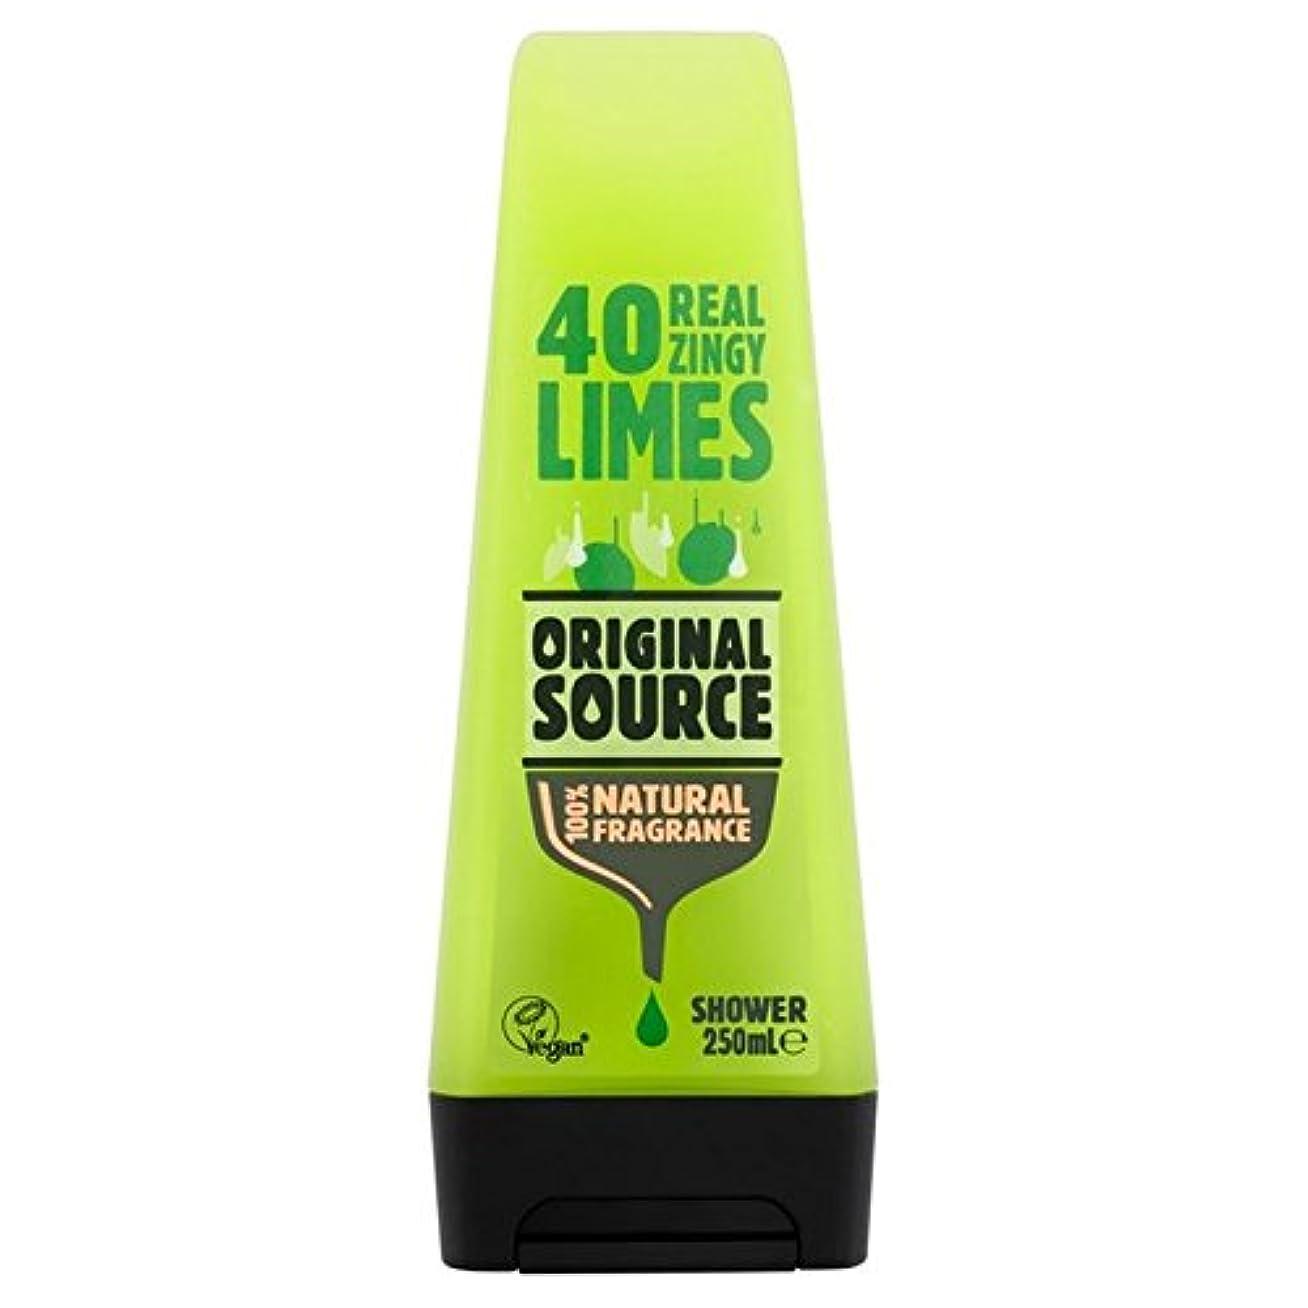 控えめなマイク罹患率Original Source Lime Shower Gel 250ml (Pack of 6) - 元のソースライムシャワージェル250ミリリットル x6 [並行輸入品]